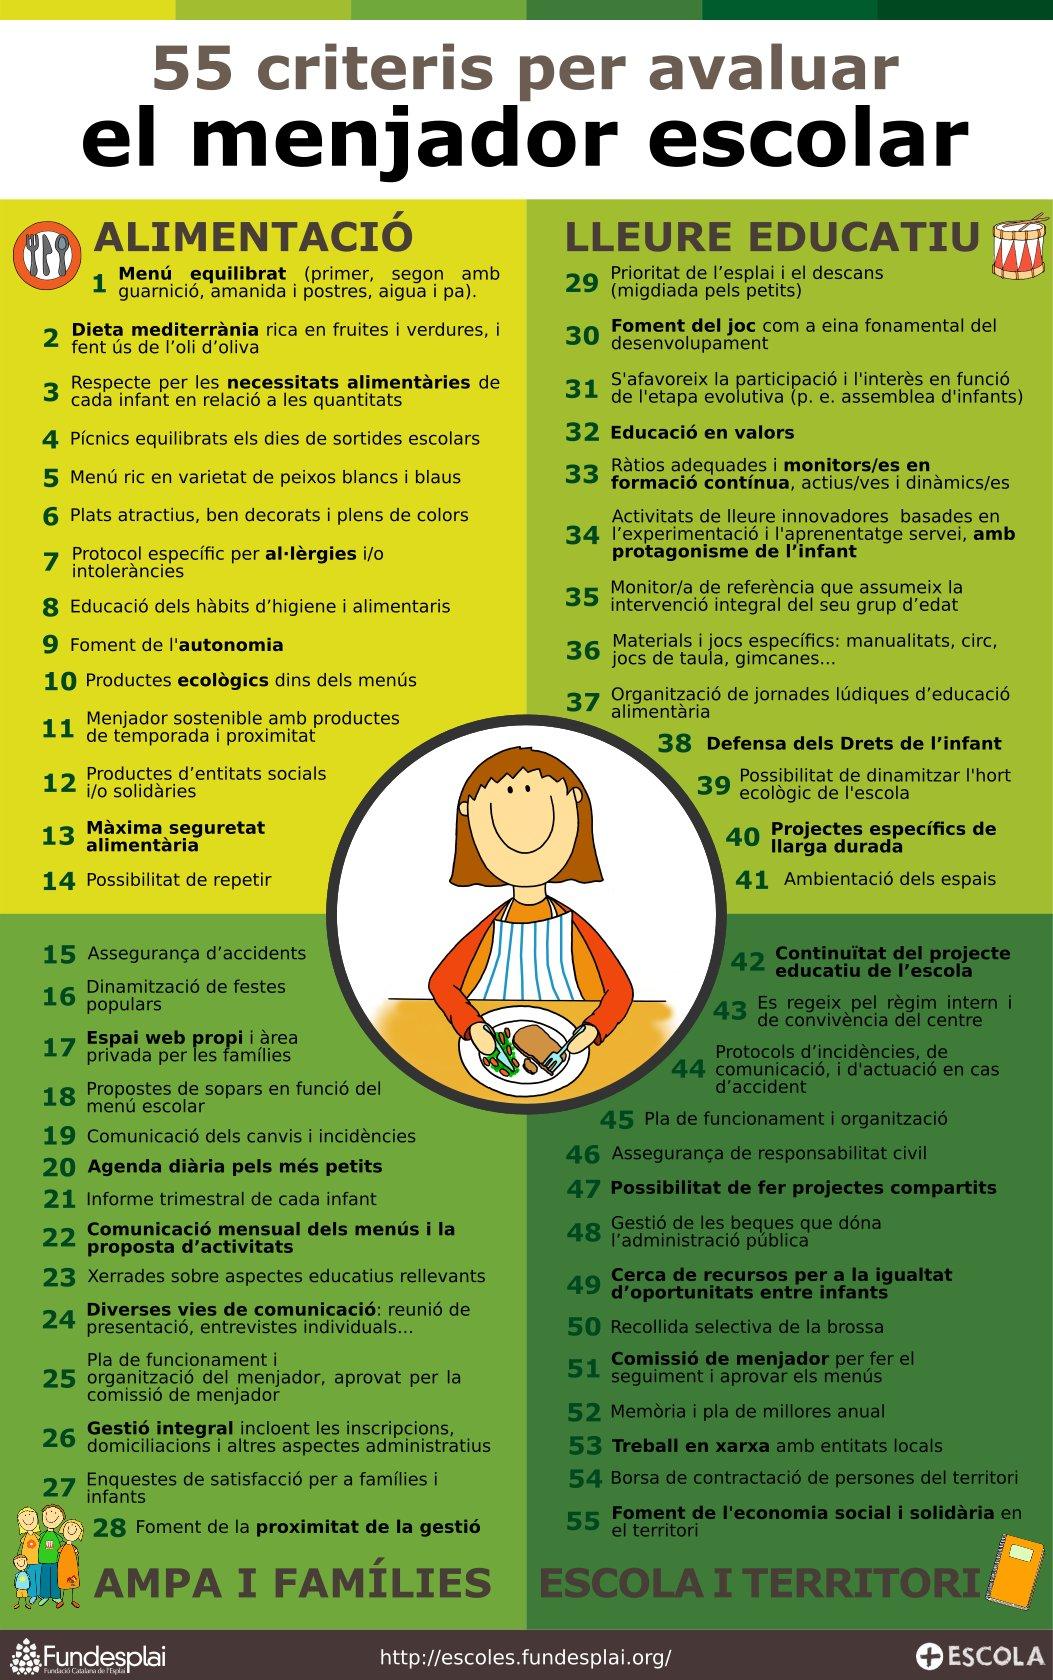 55 criteris per avaluar el servei de menjador